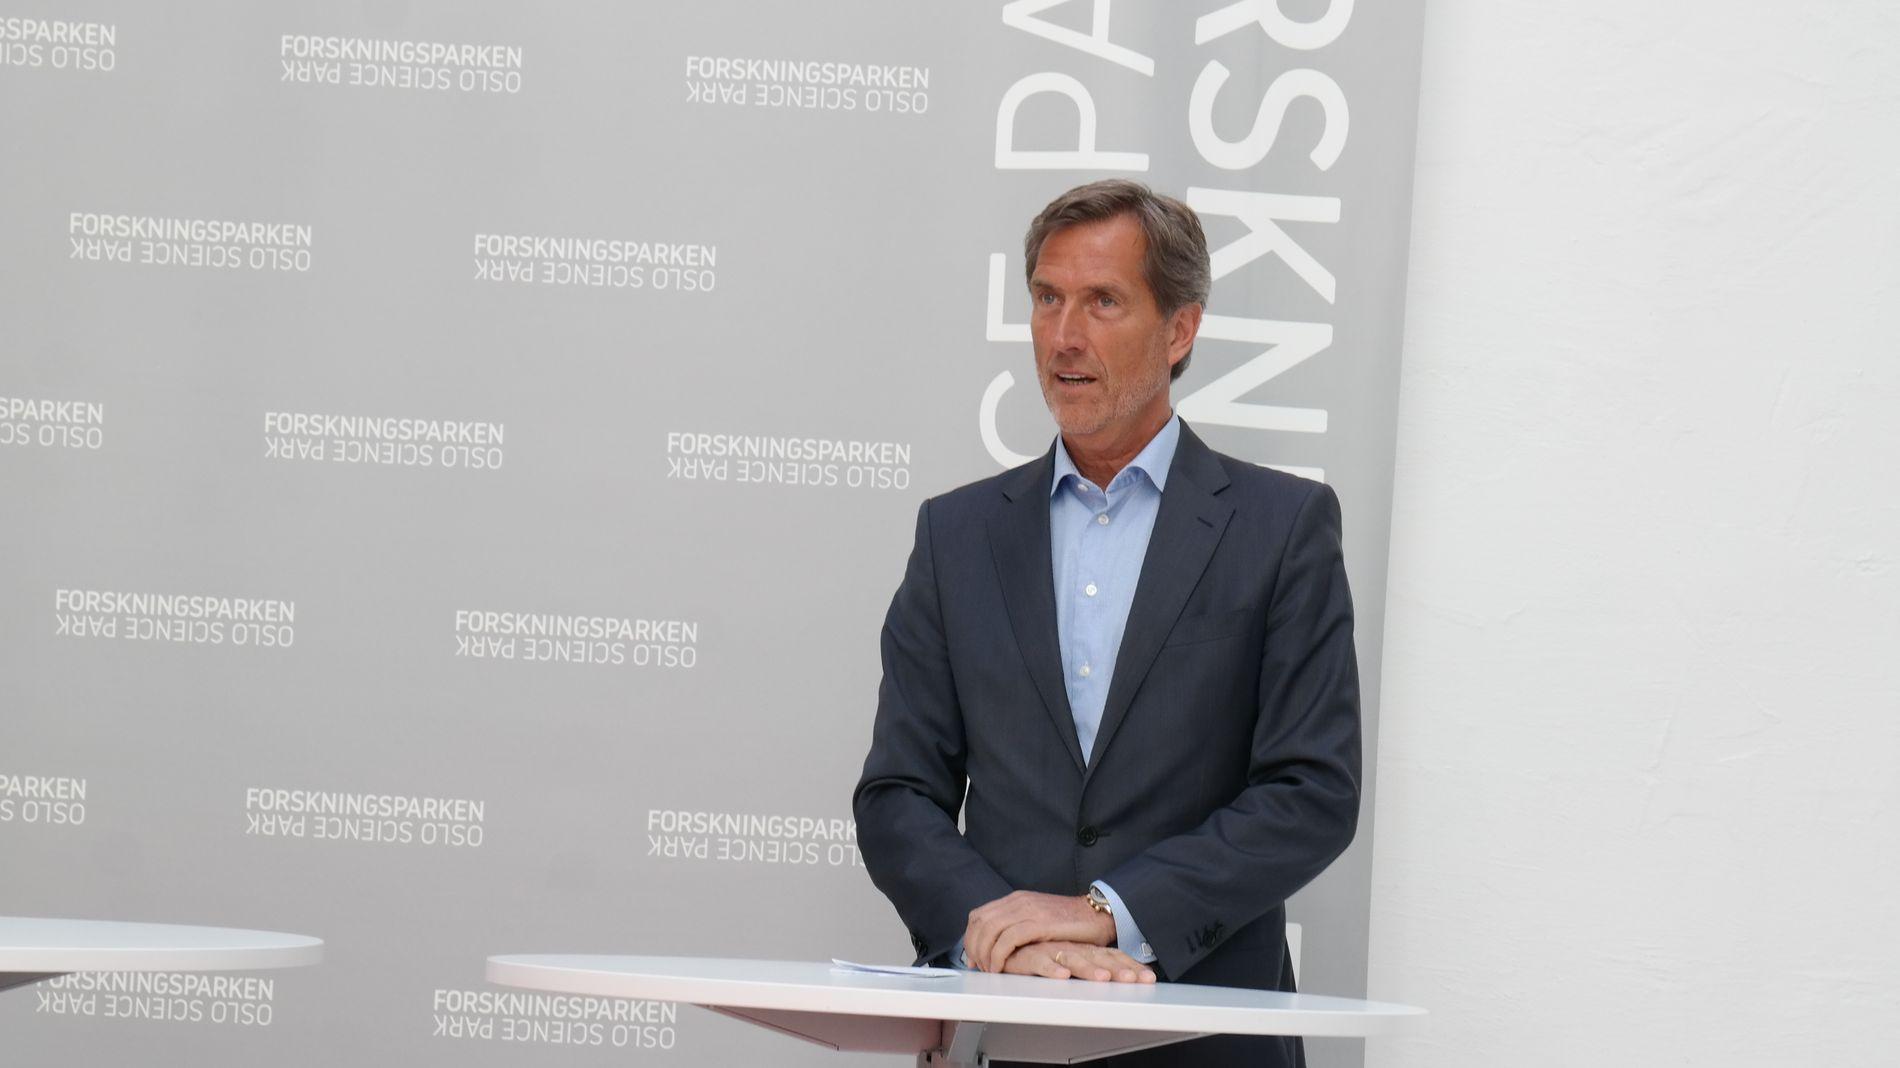 NYTT PROSJEKT: Tidligere konsernsjef i Kongsberg Gruppen, Walter Qvam har satt seg som mål å få norske bedrifter til å spille på lag for å bli med på den raske digitale utviklingen, og kjempe mot utenlandsk konkurranse.